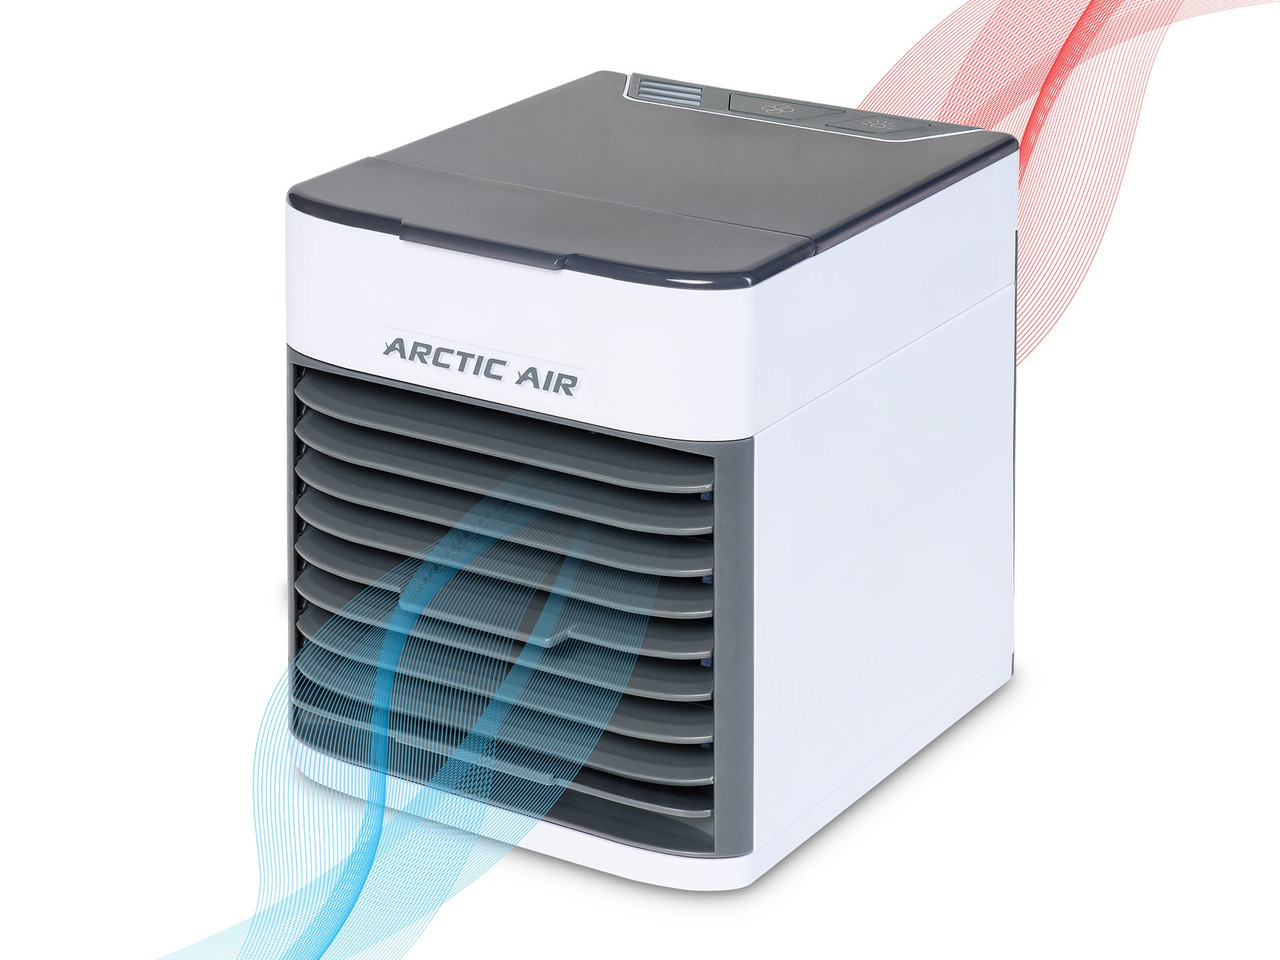 Міні кондиціонер ARCTIC AIR, Портативний охолоджувач повітря. Охолоджувач повітря Arctic Ultra Rovus